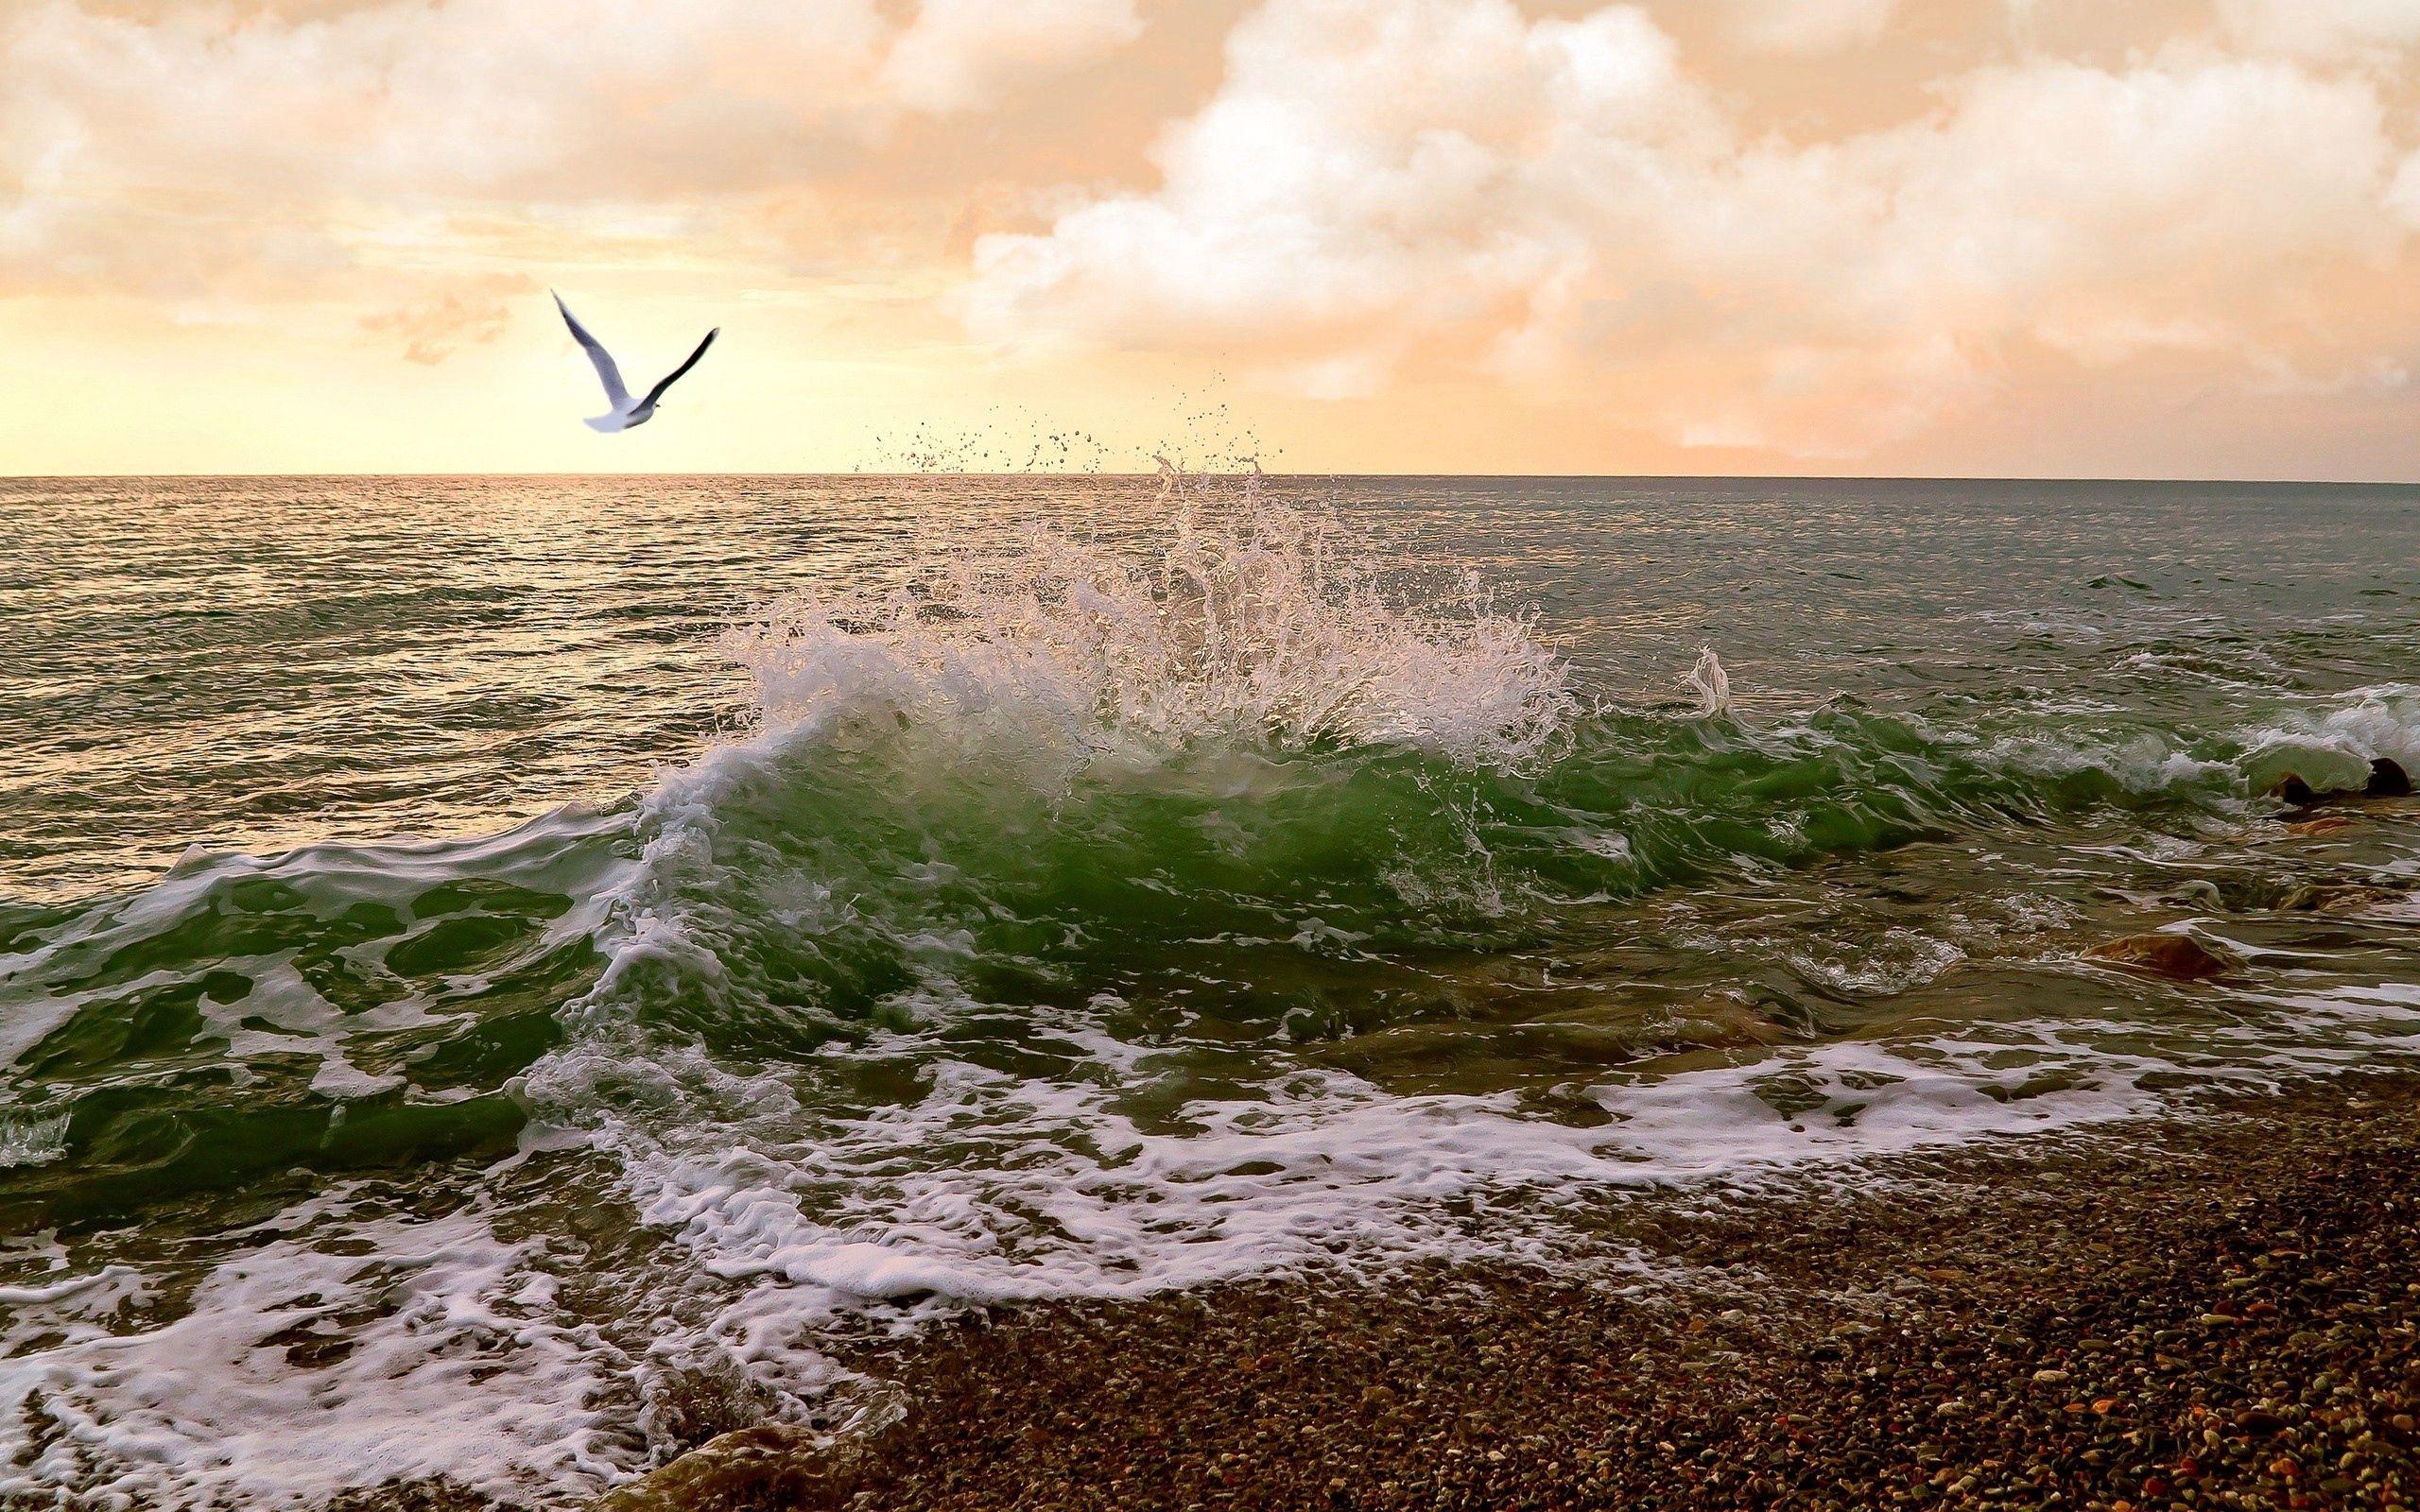 116886 Заставки и Обои Волны на телефон. Скачать Природа, Море, Прибой, Чайка, Небо, Волны картинки бесплатно